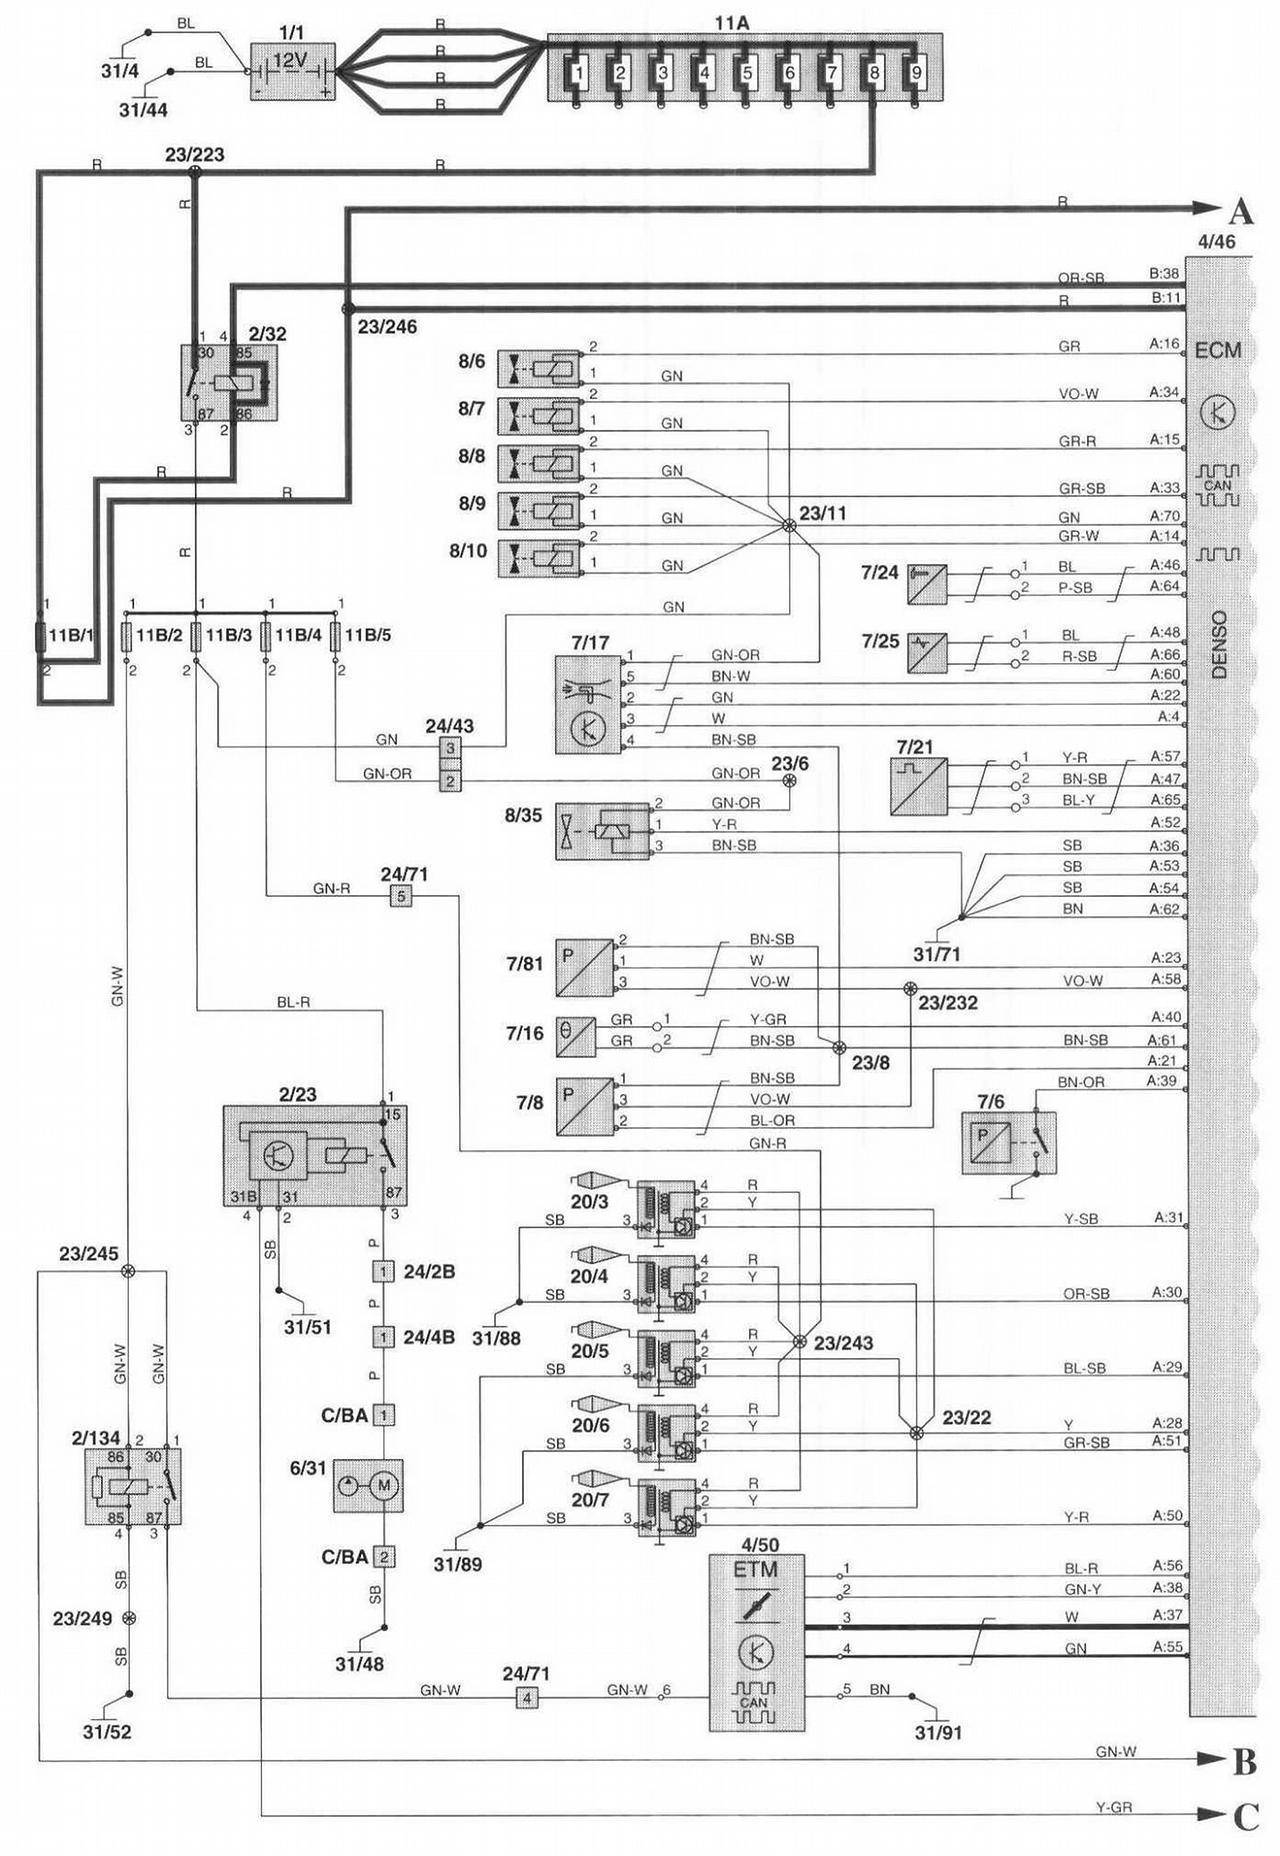 2001 Volvo S80 Fan Wiring Diagram - Lexus Sc400 Engine Diagram for Wiring  Diagram SchematicsWiring Diagram Schematics